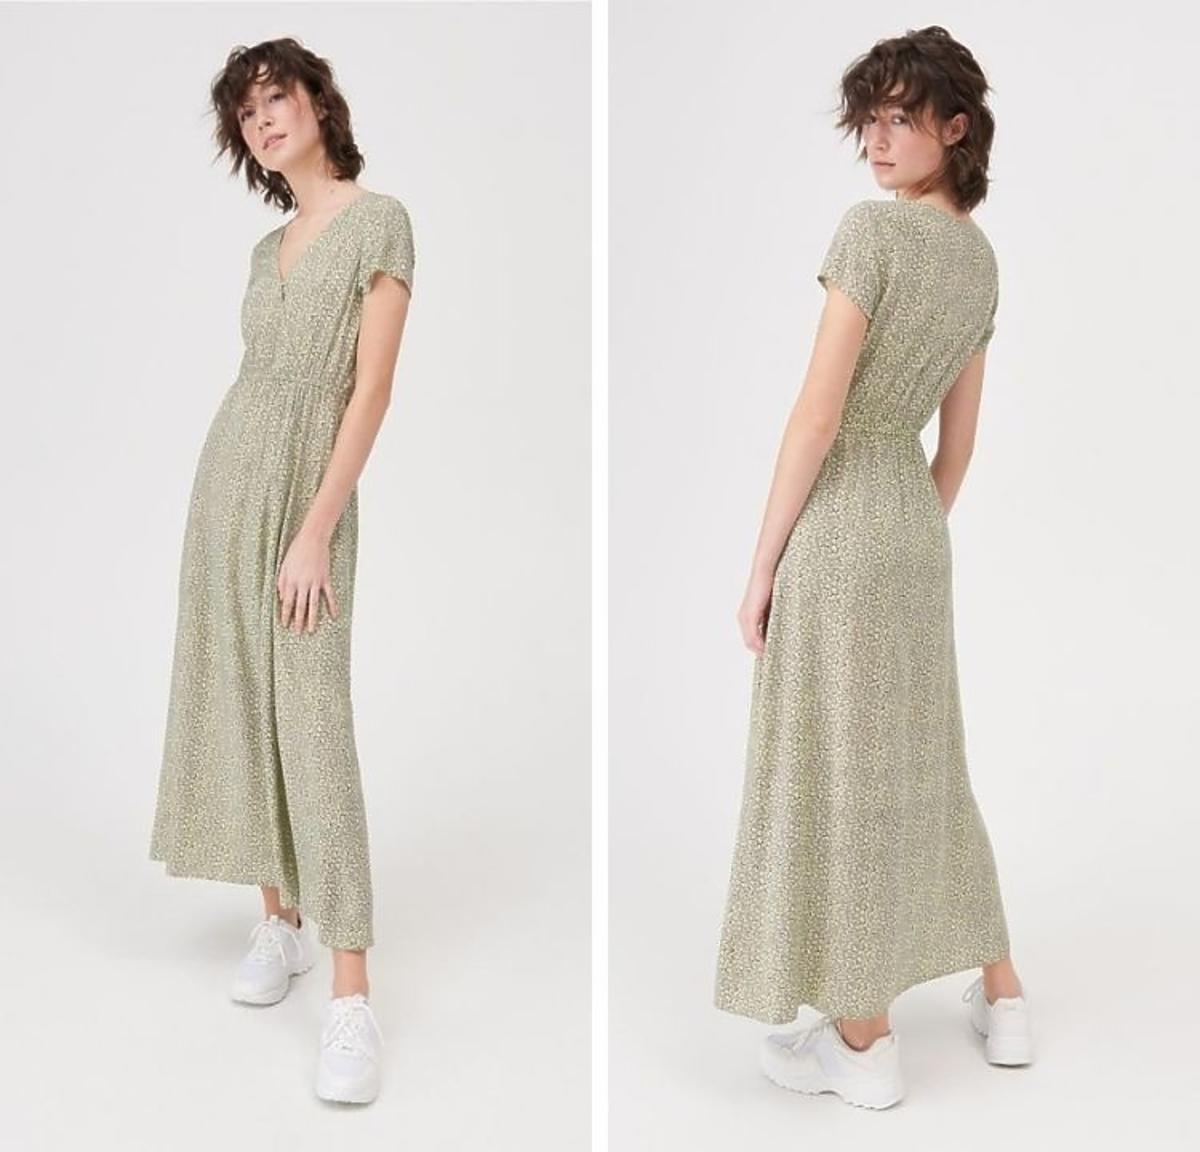 Sukienka z Sinsay w stylu Agnieszki Woźniak-Starak